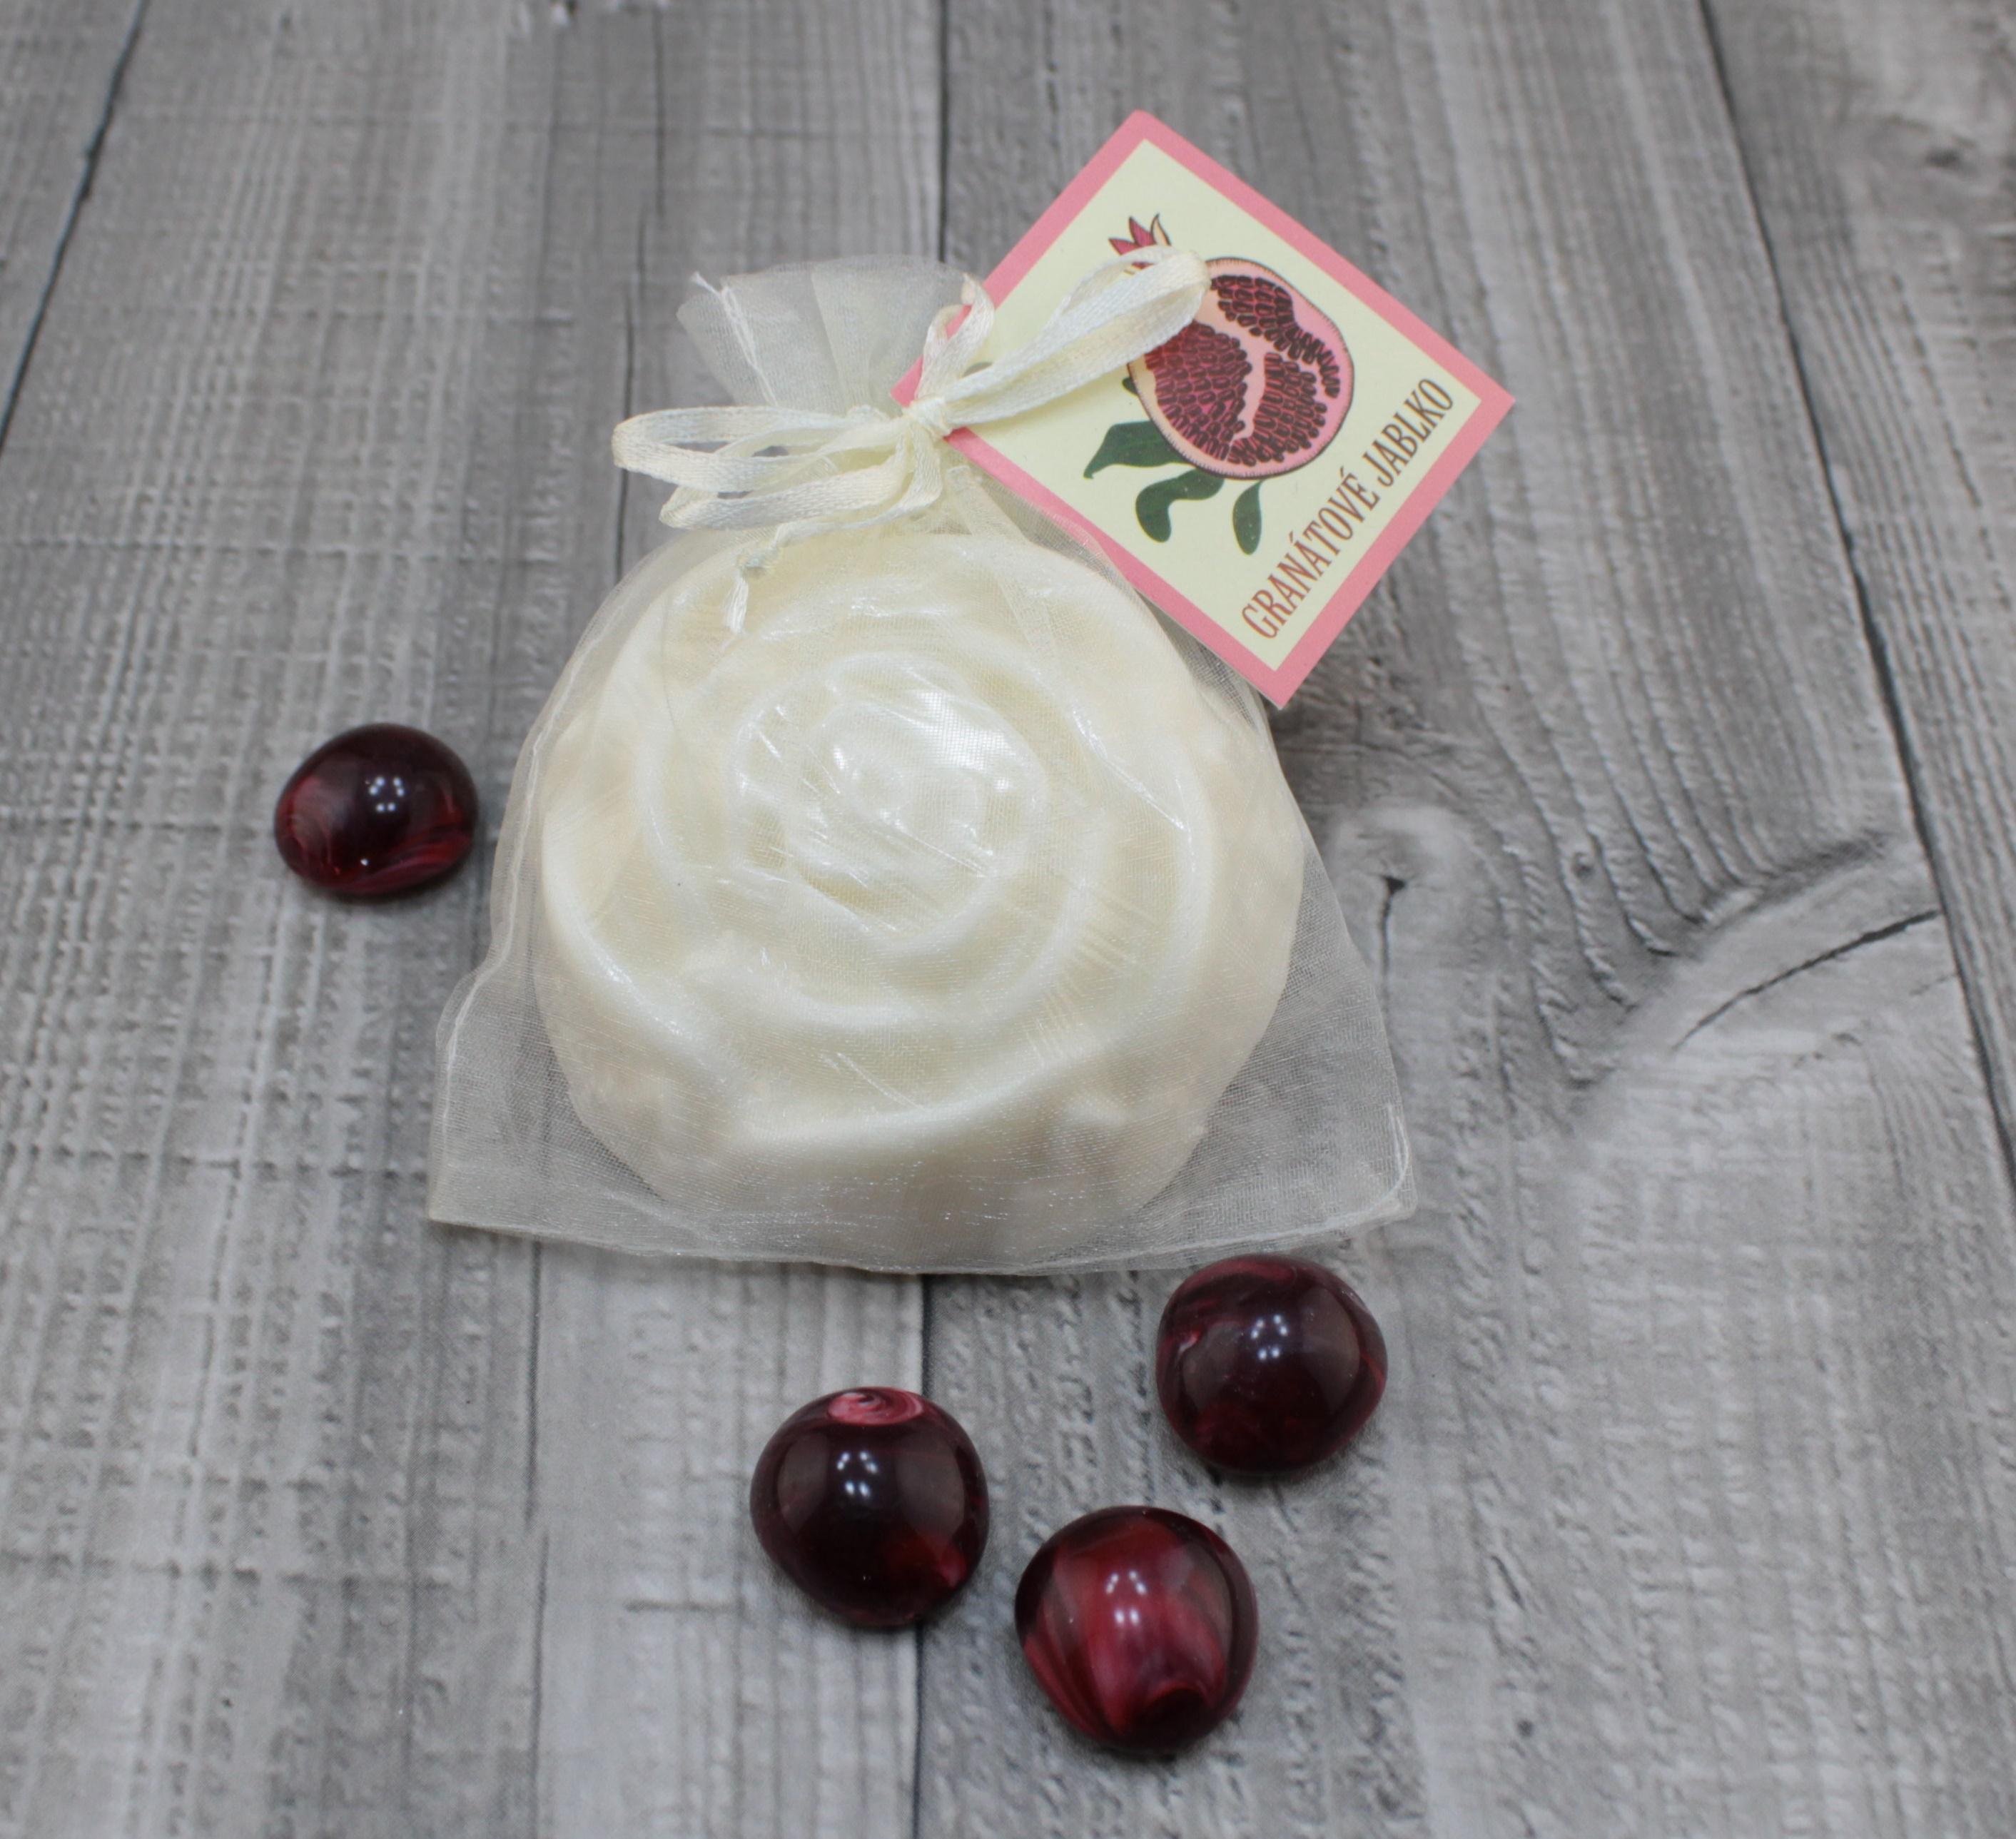 Mýdlo růže granátové jablko 90g Barva: Bílá